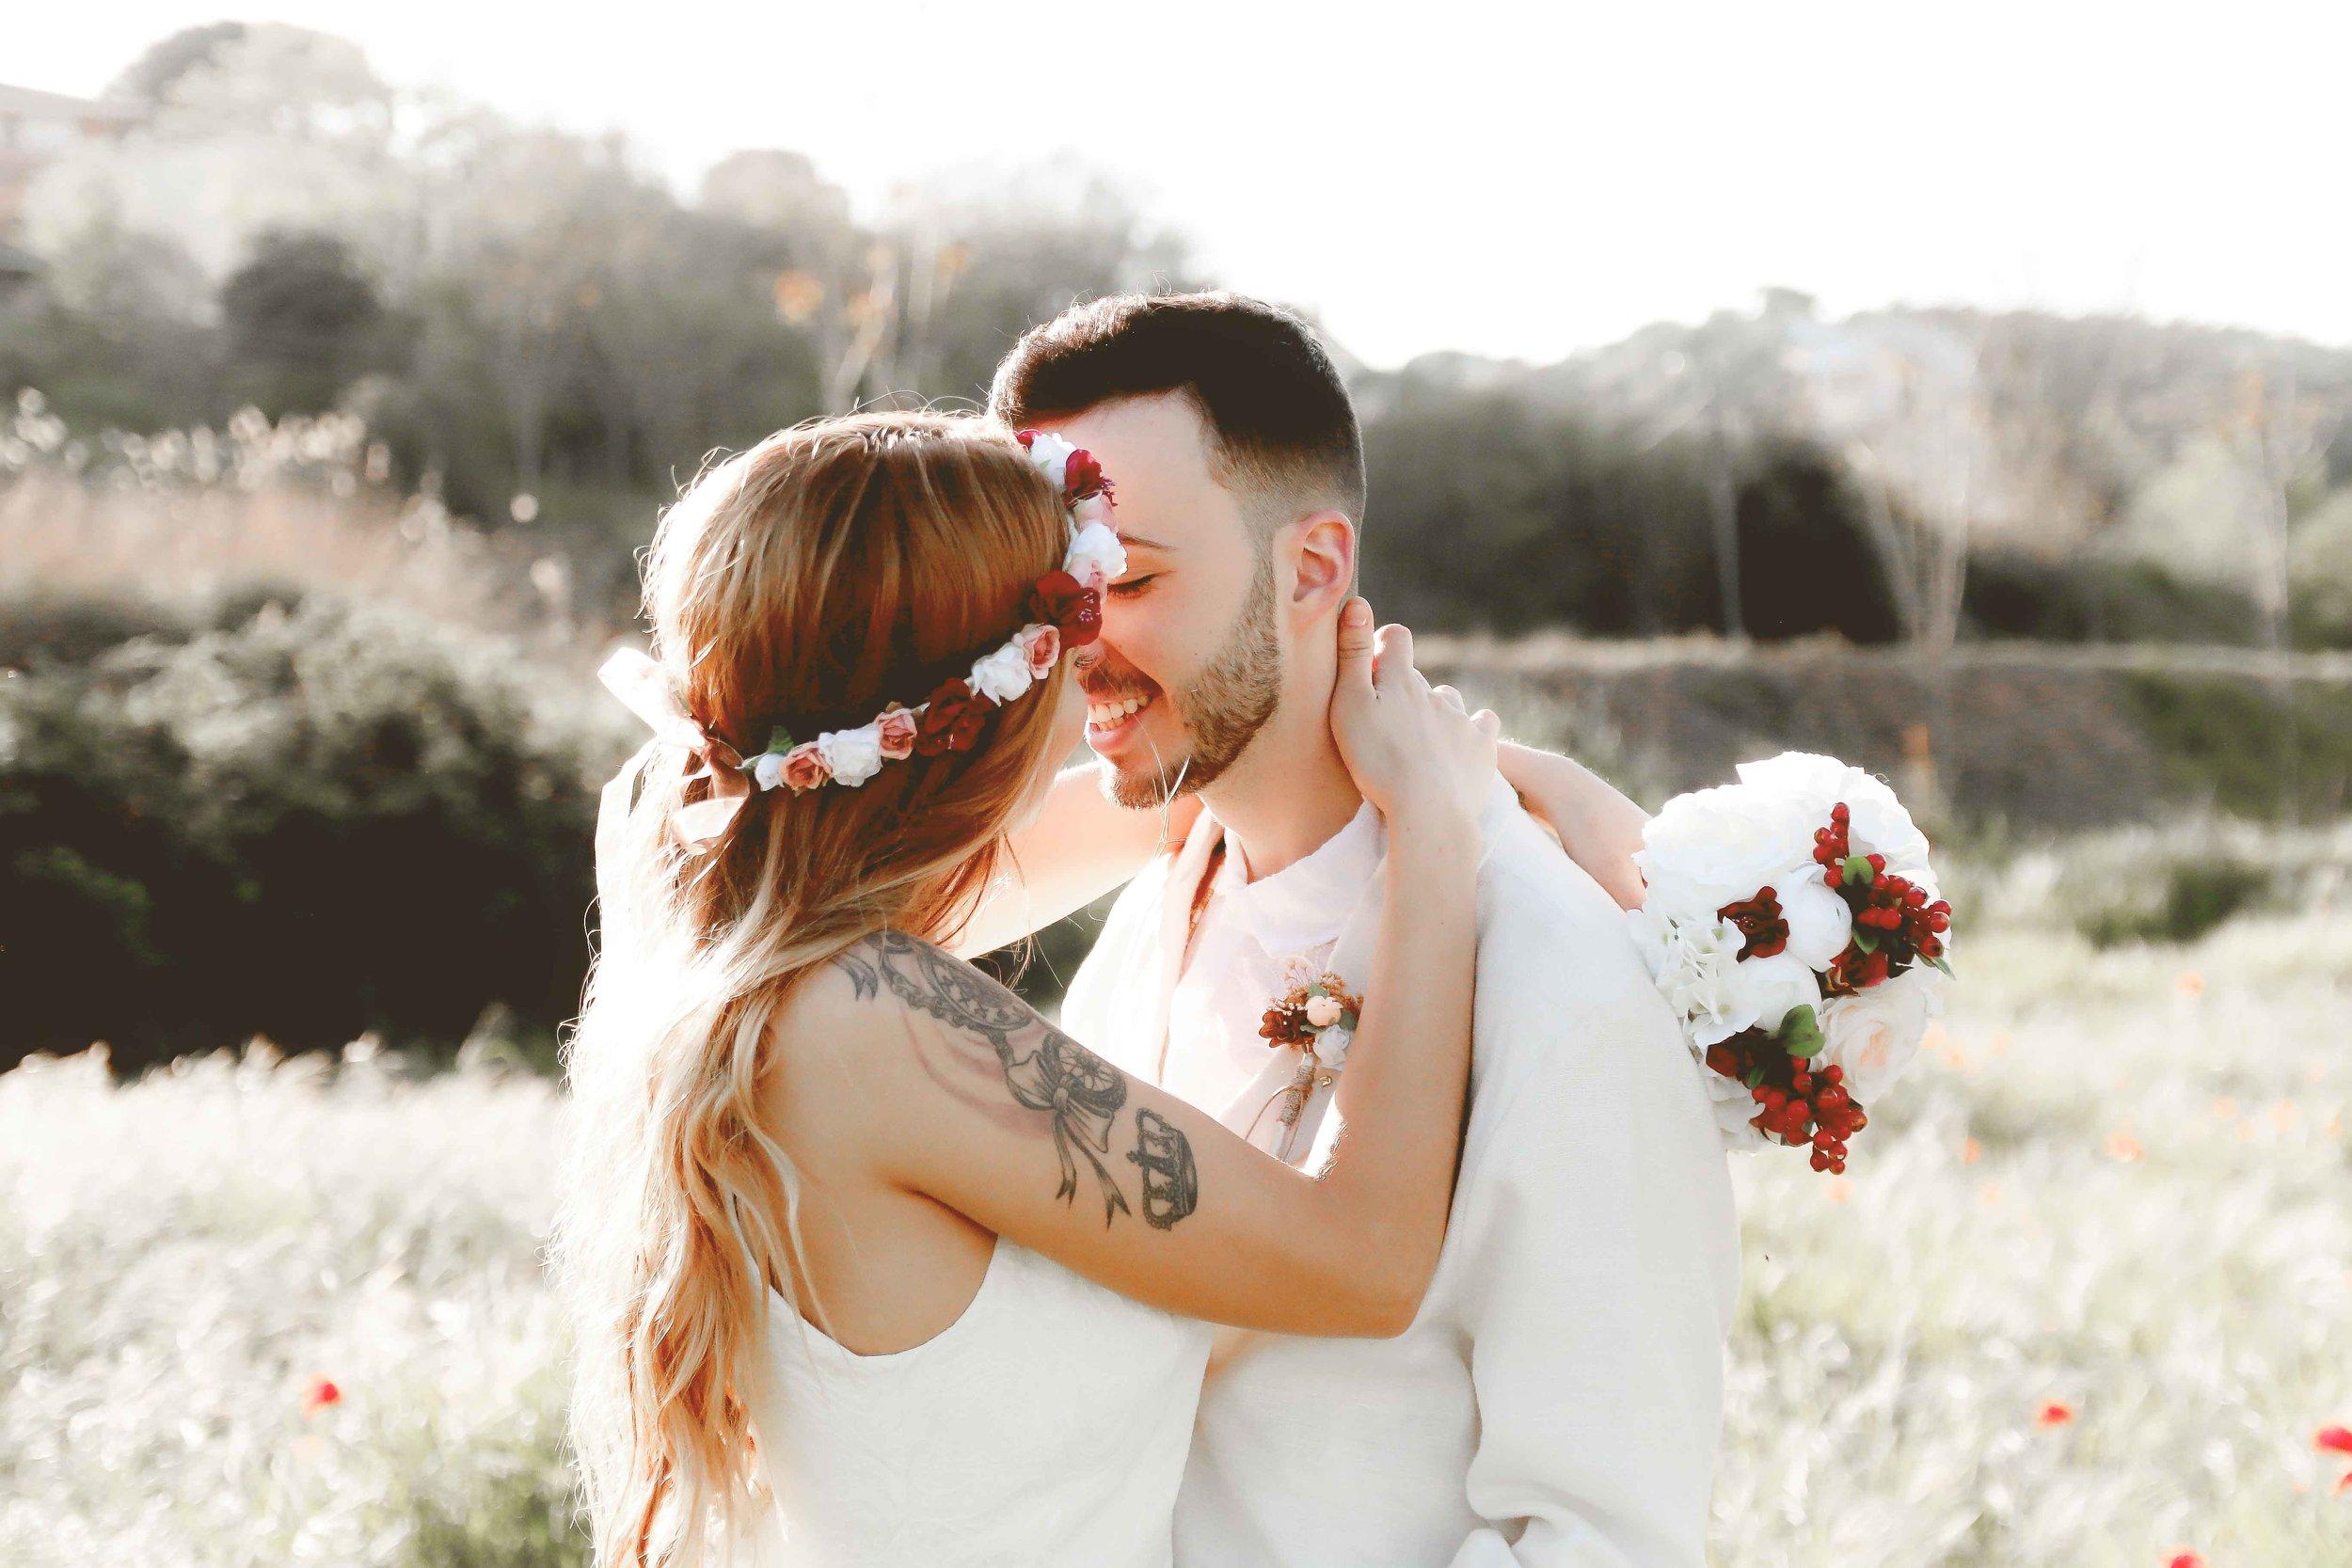 fotografo-boda-barcelona-11.jpg